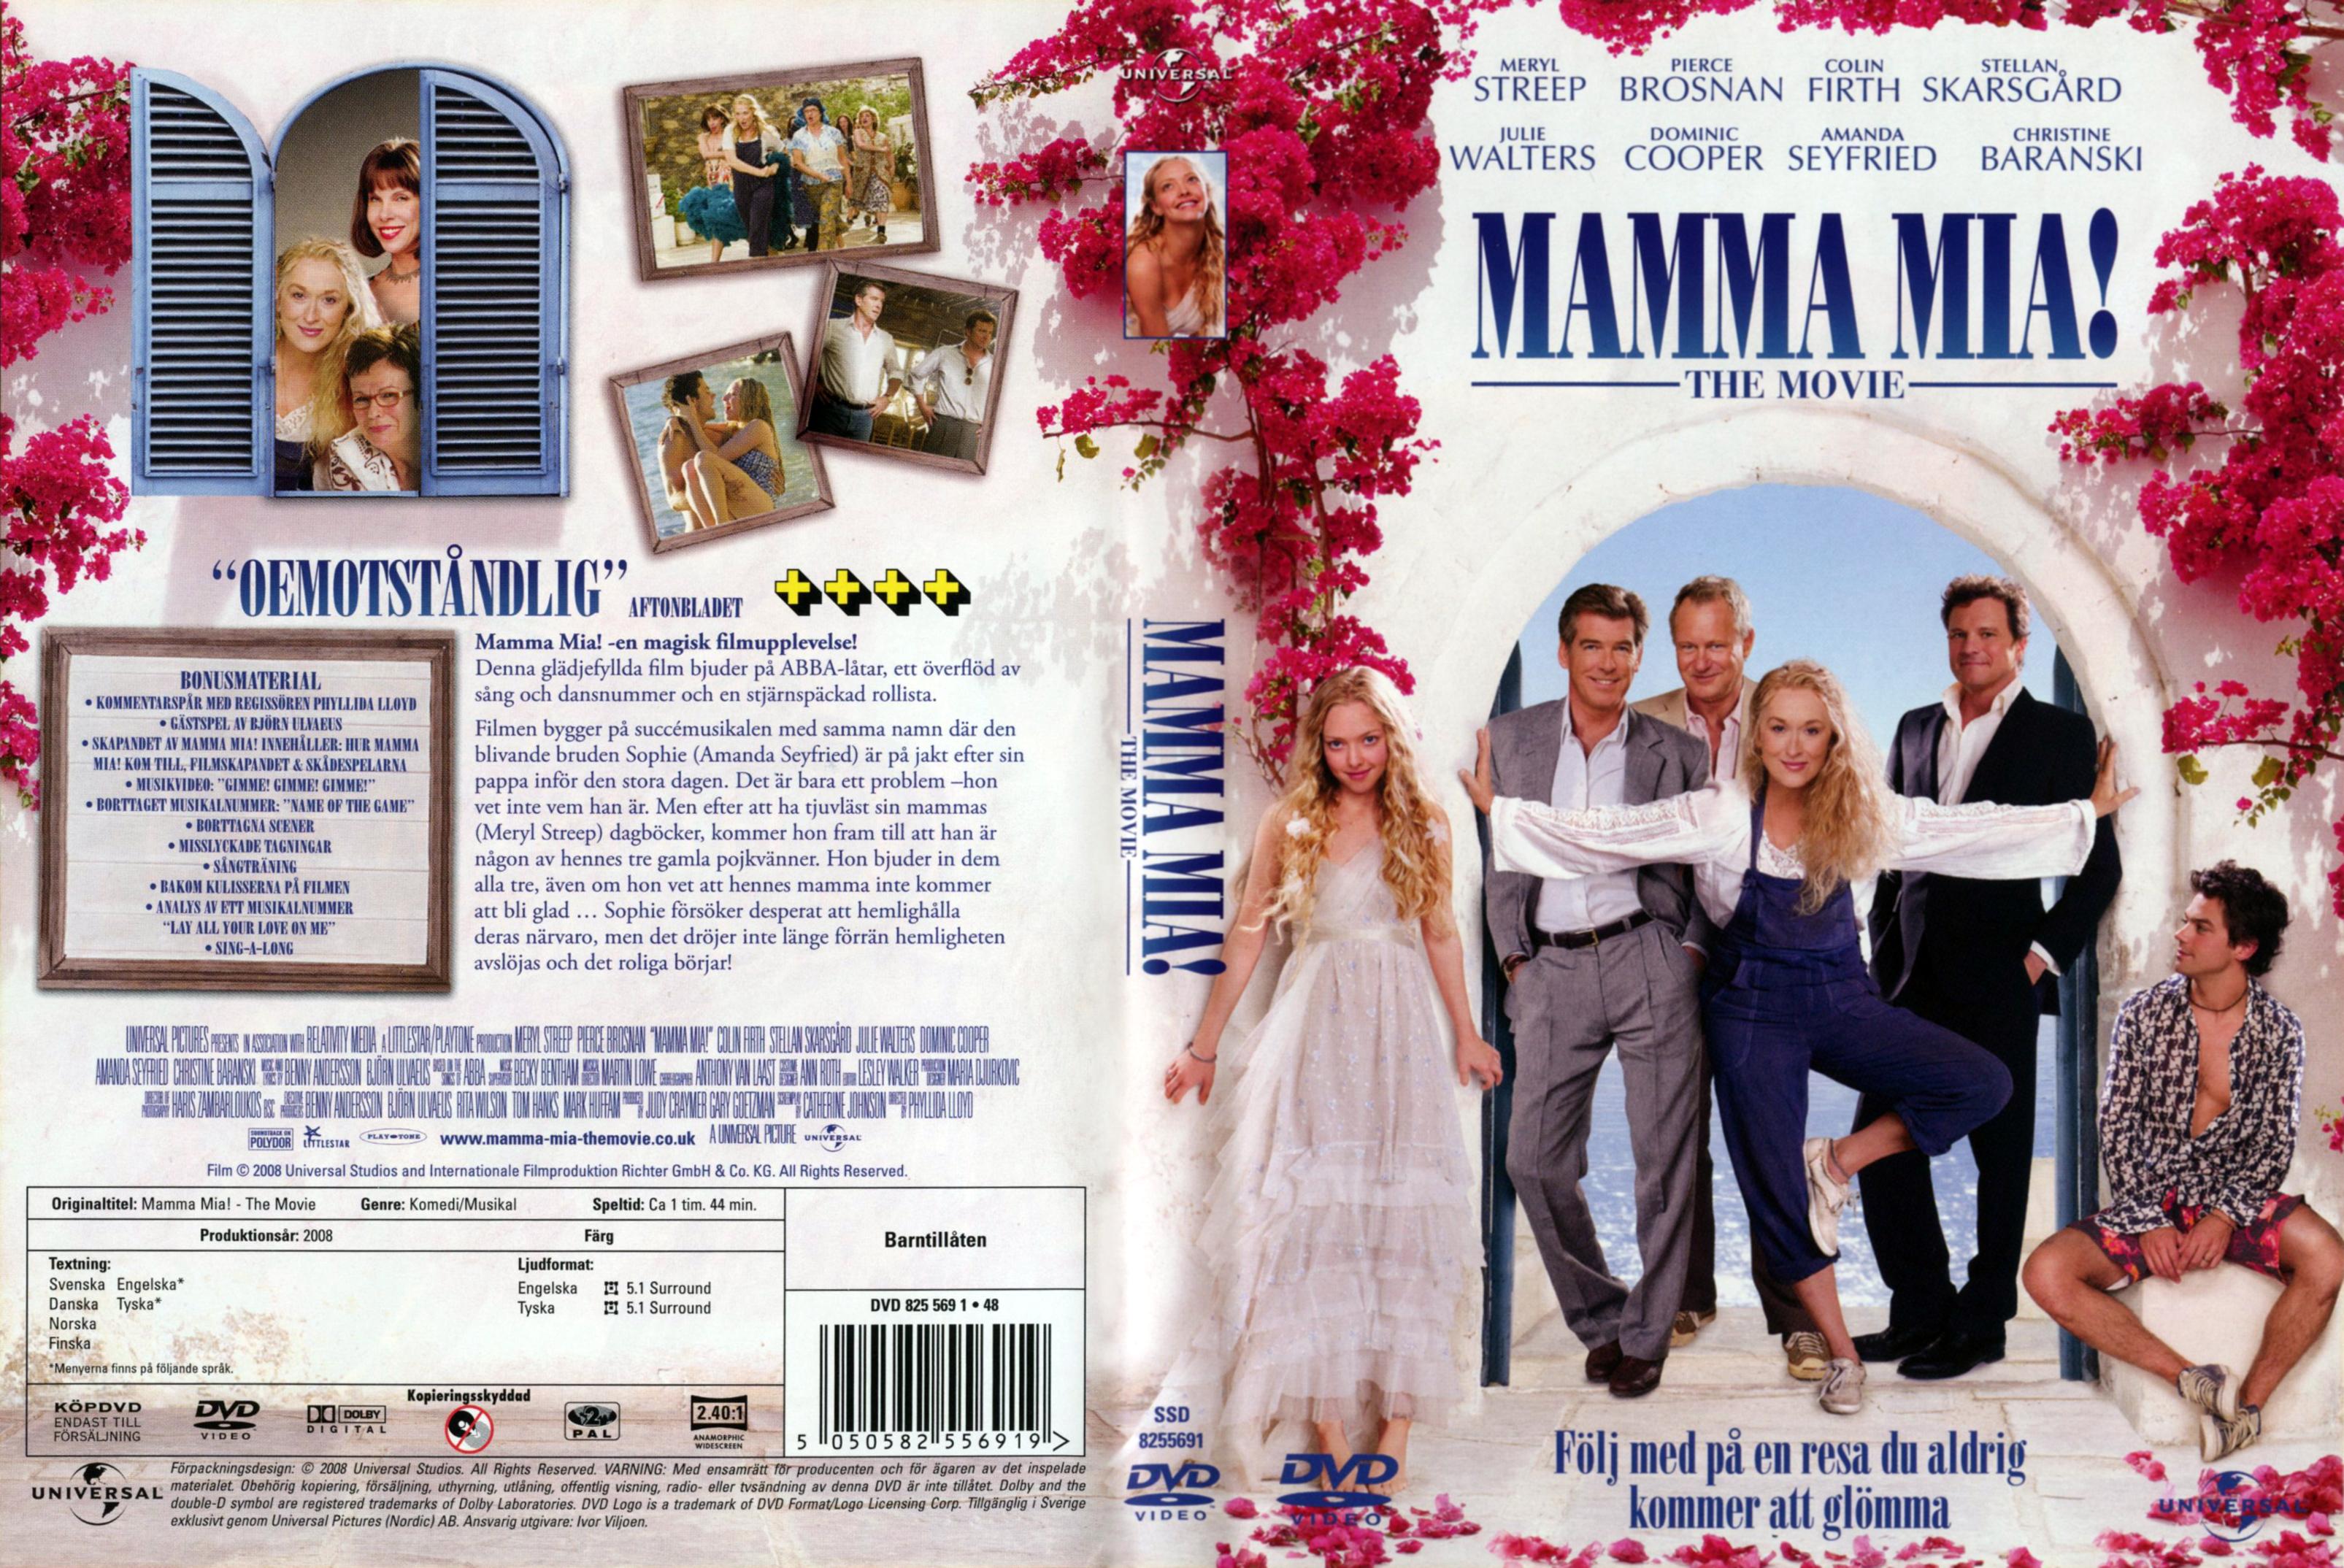 Mama mia dvd the movie